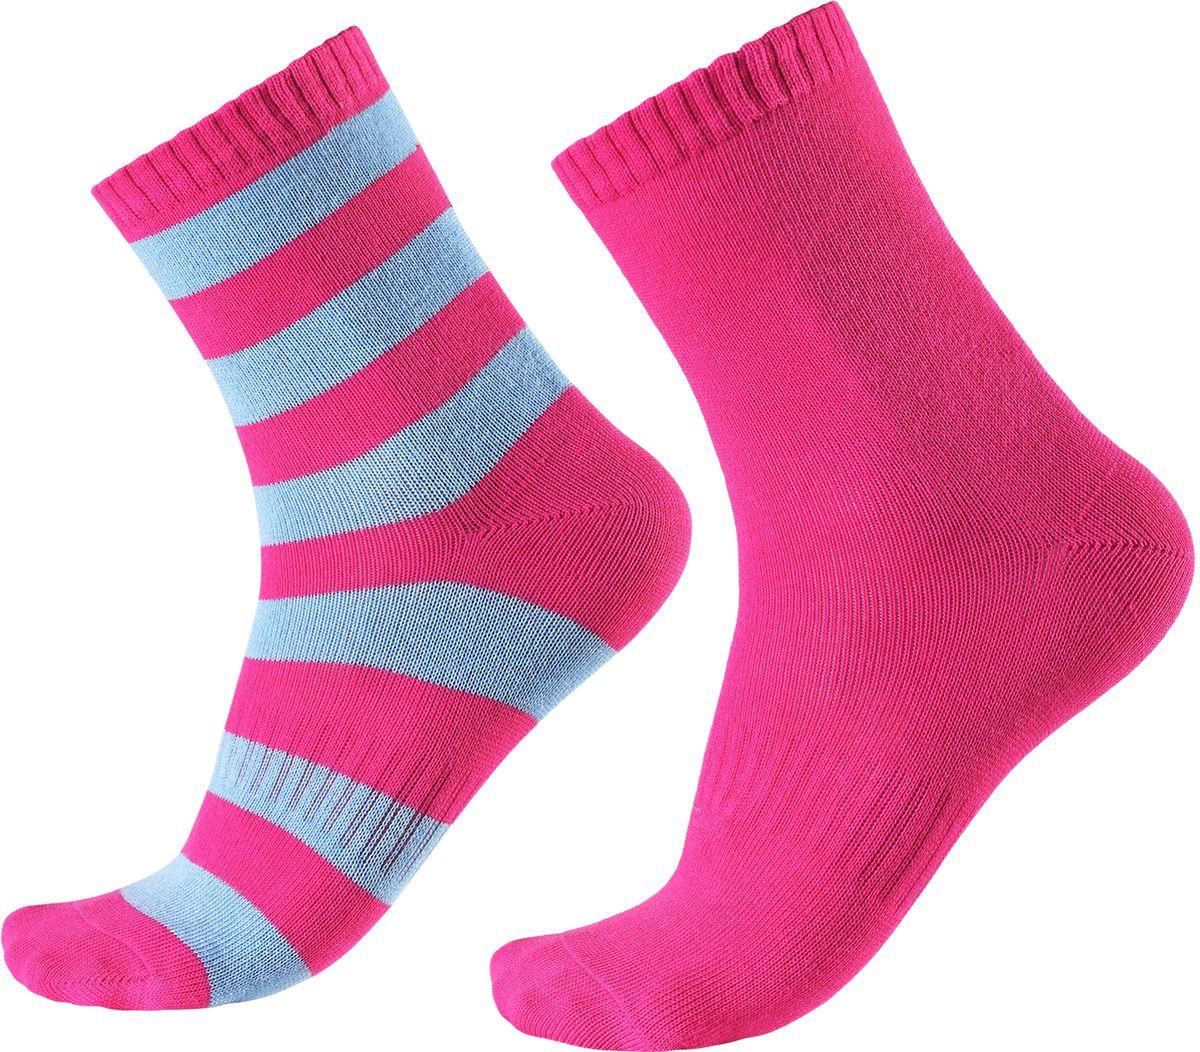 Носки детские Reima Colombo, цвет: розовый, голубой. 527267-4620. Размер 38/41527267-4620В носках из смеси Coolmax детским ножкам будет тепло и уютно. Смесь Coolmax с хлопком превосходно подходит для занятий спортом и подвижных игр на свежем воздухе, поскольку эффективно выводит влагу с кожи и не вызывает потливости. Этот материал дышит и быстро сохнет. Легкая летняя модель без ворсового усиления.